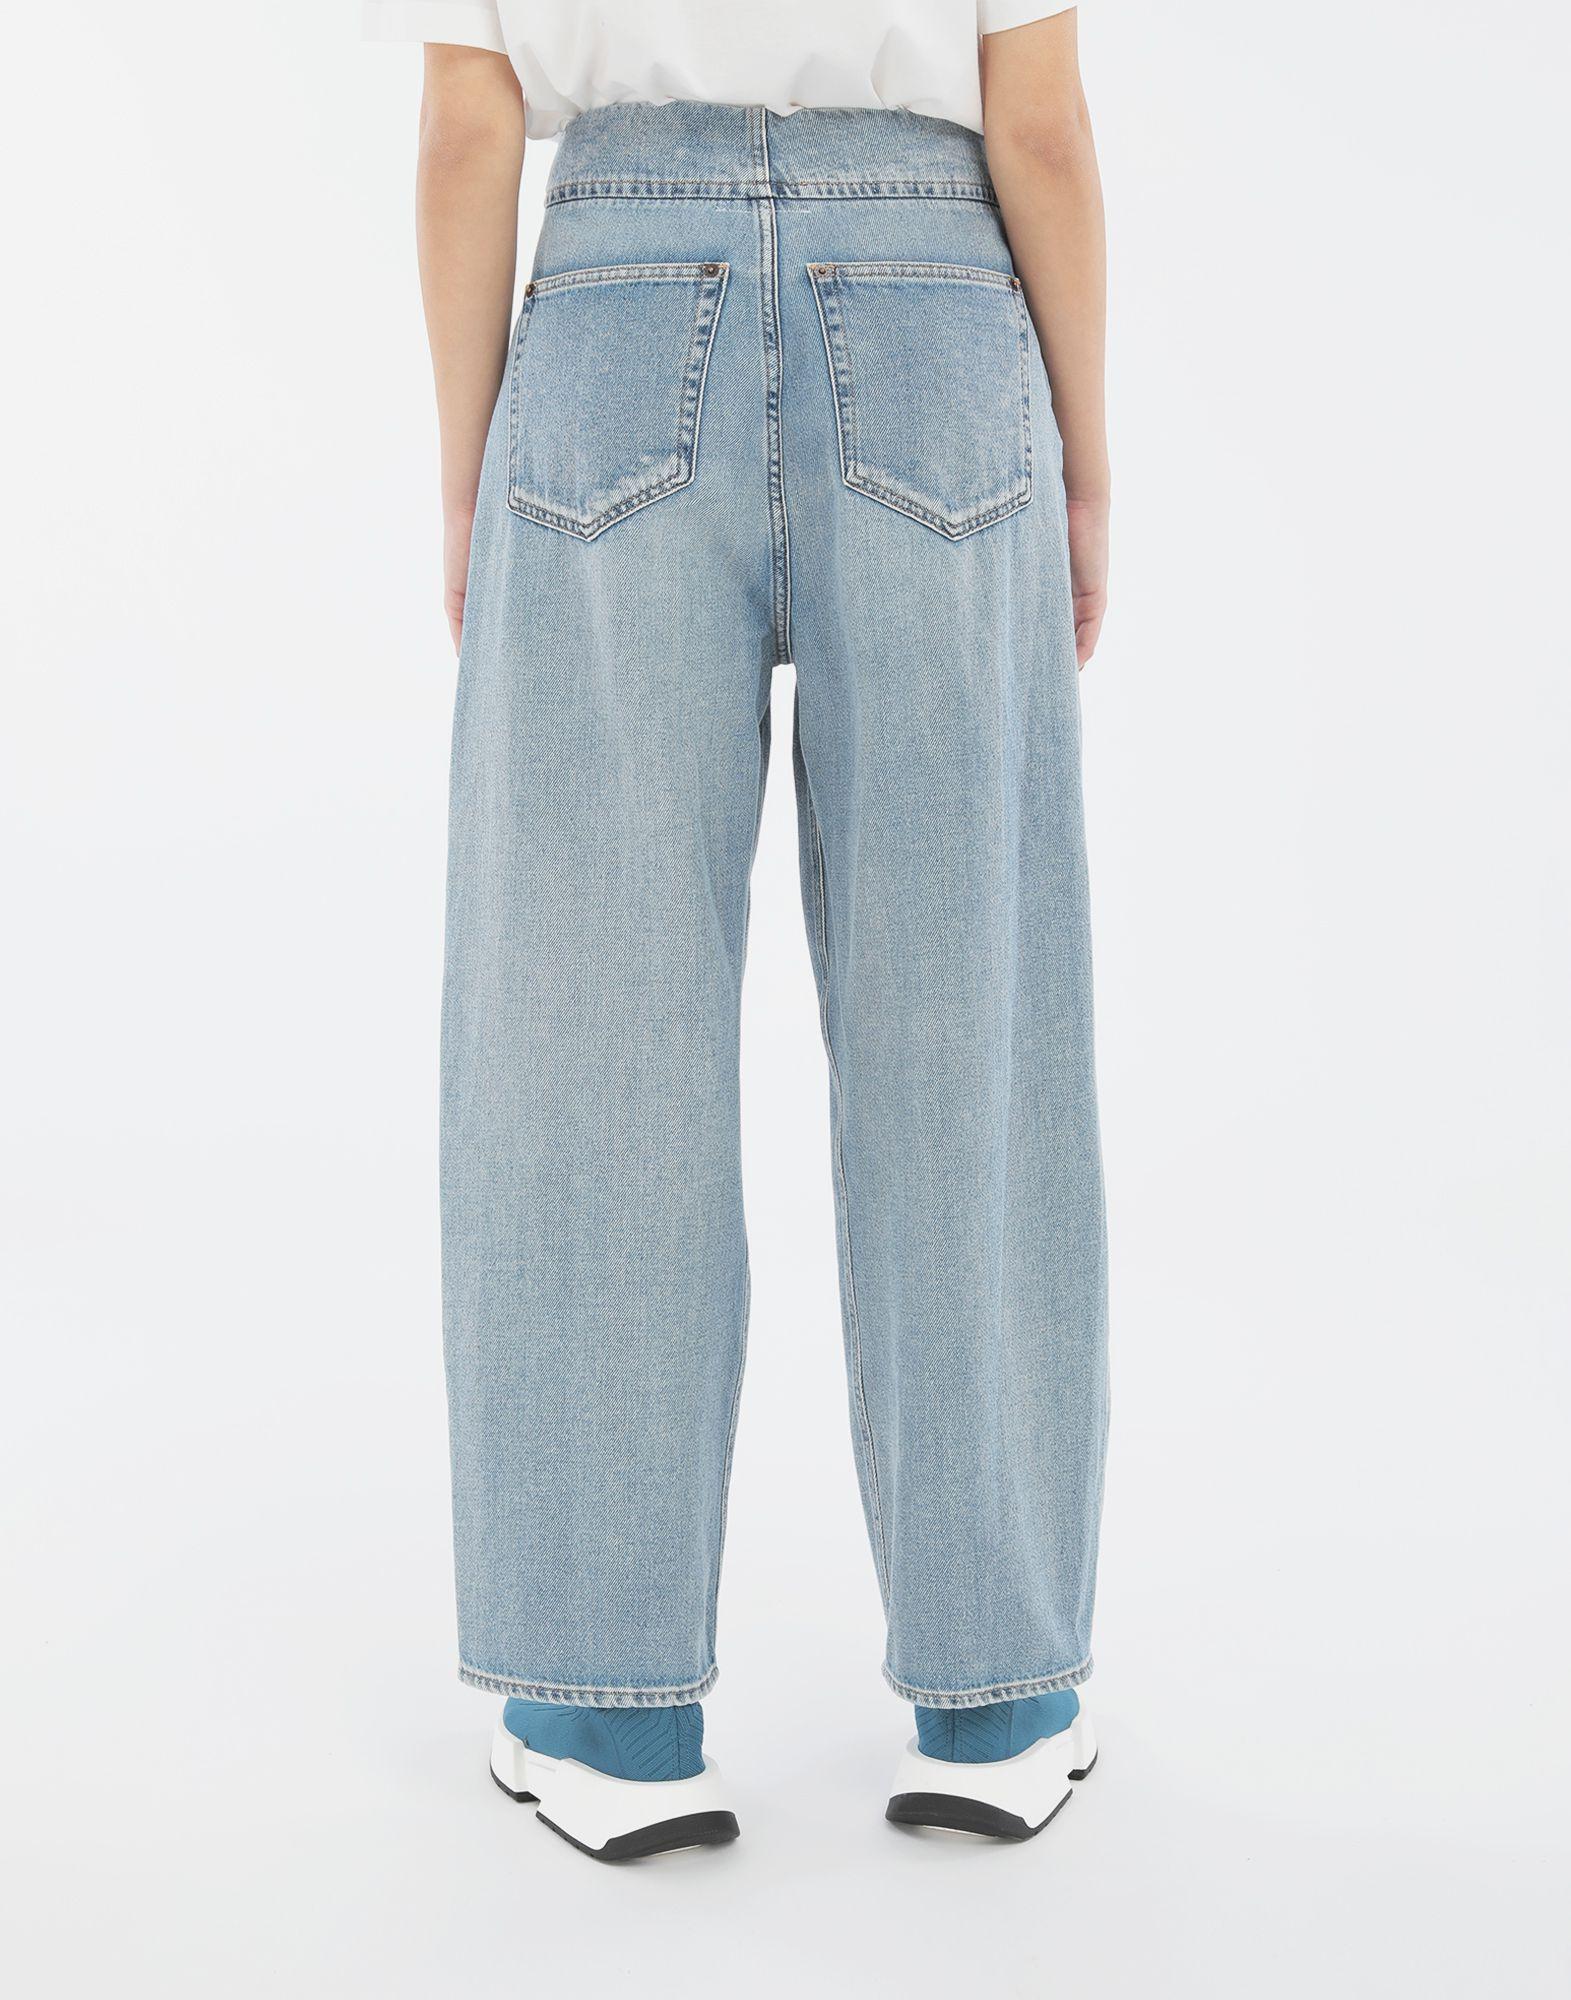 MM6 MAISON MARGIELA Cocoon jeans Jeans Woman e